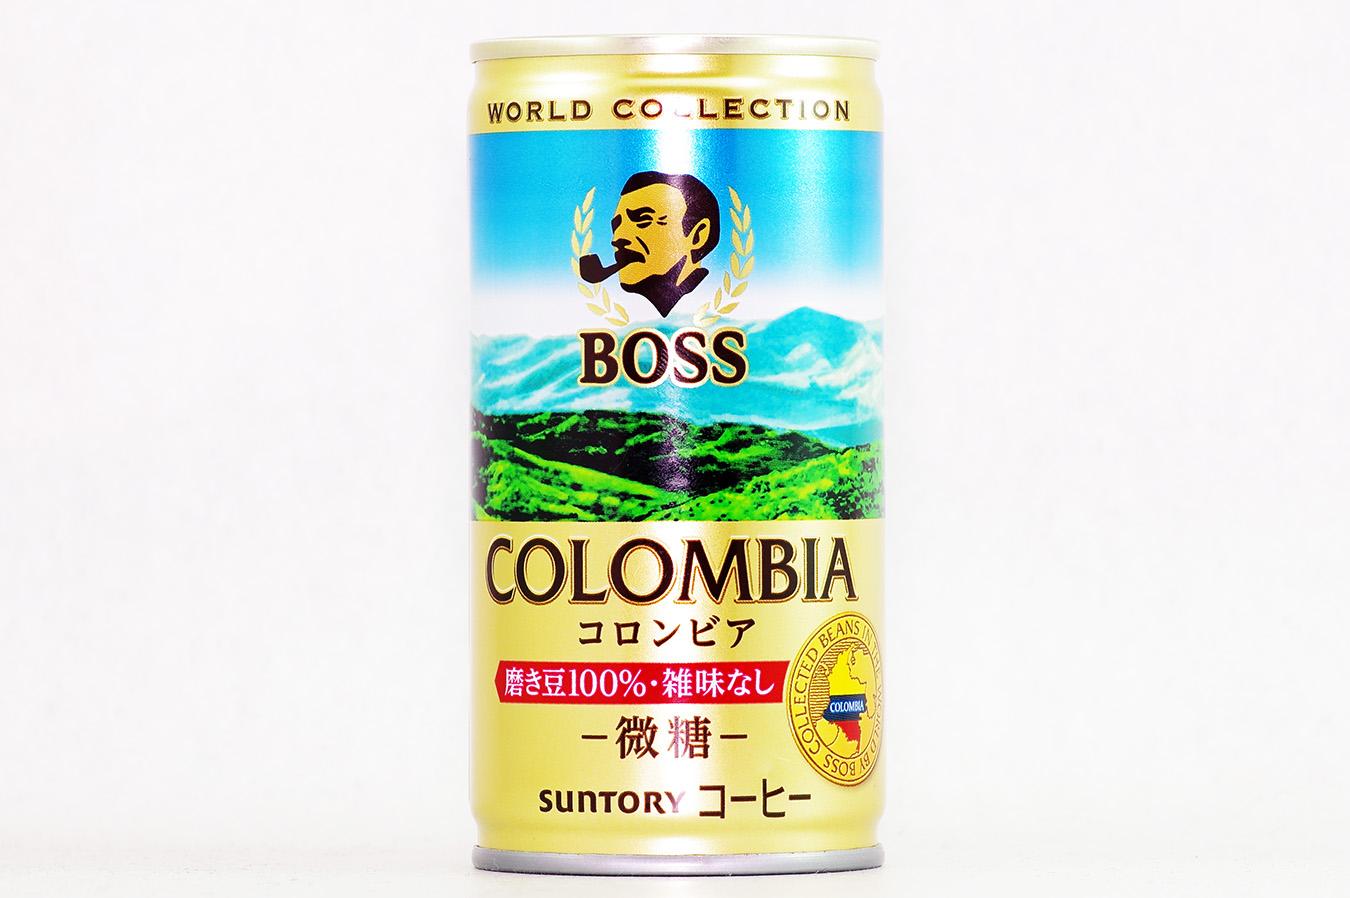 BOSS ワールドコレクション コロンビア 2016年